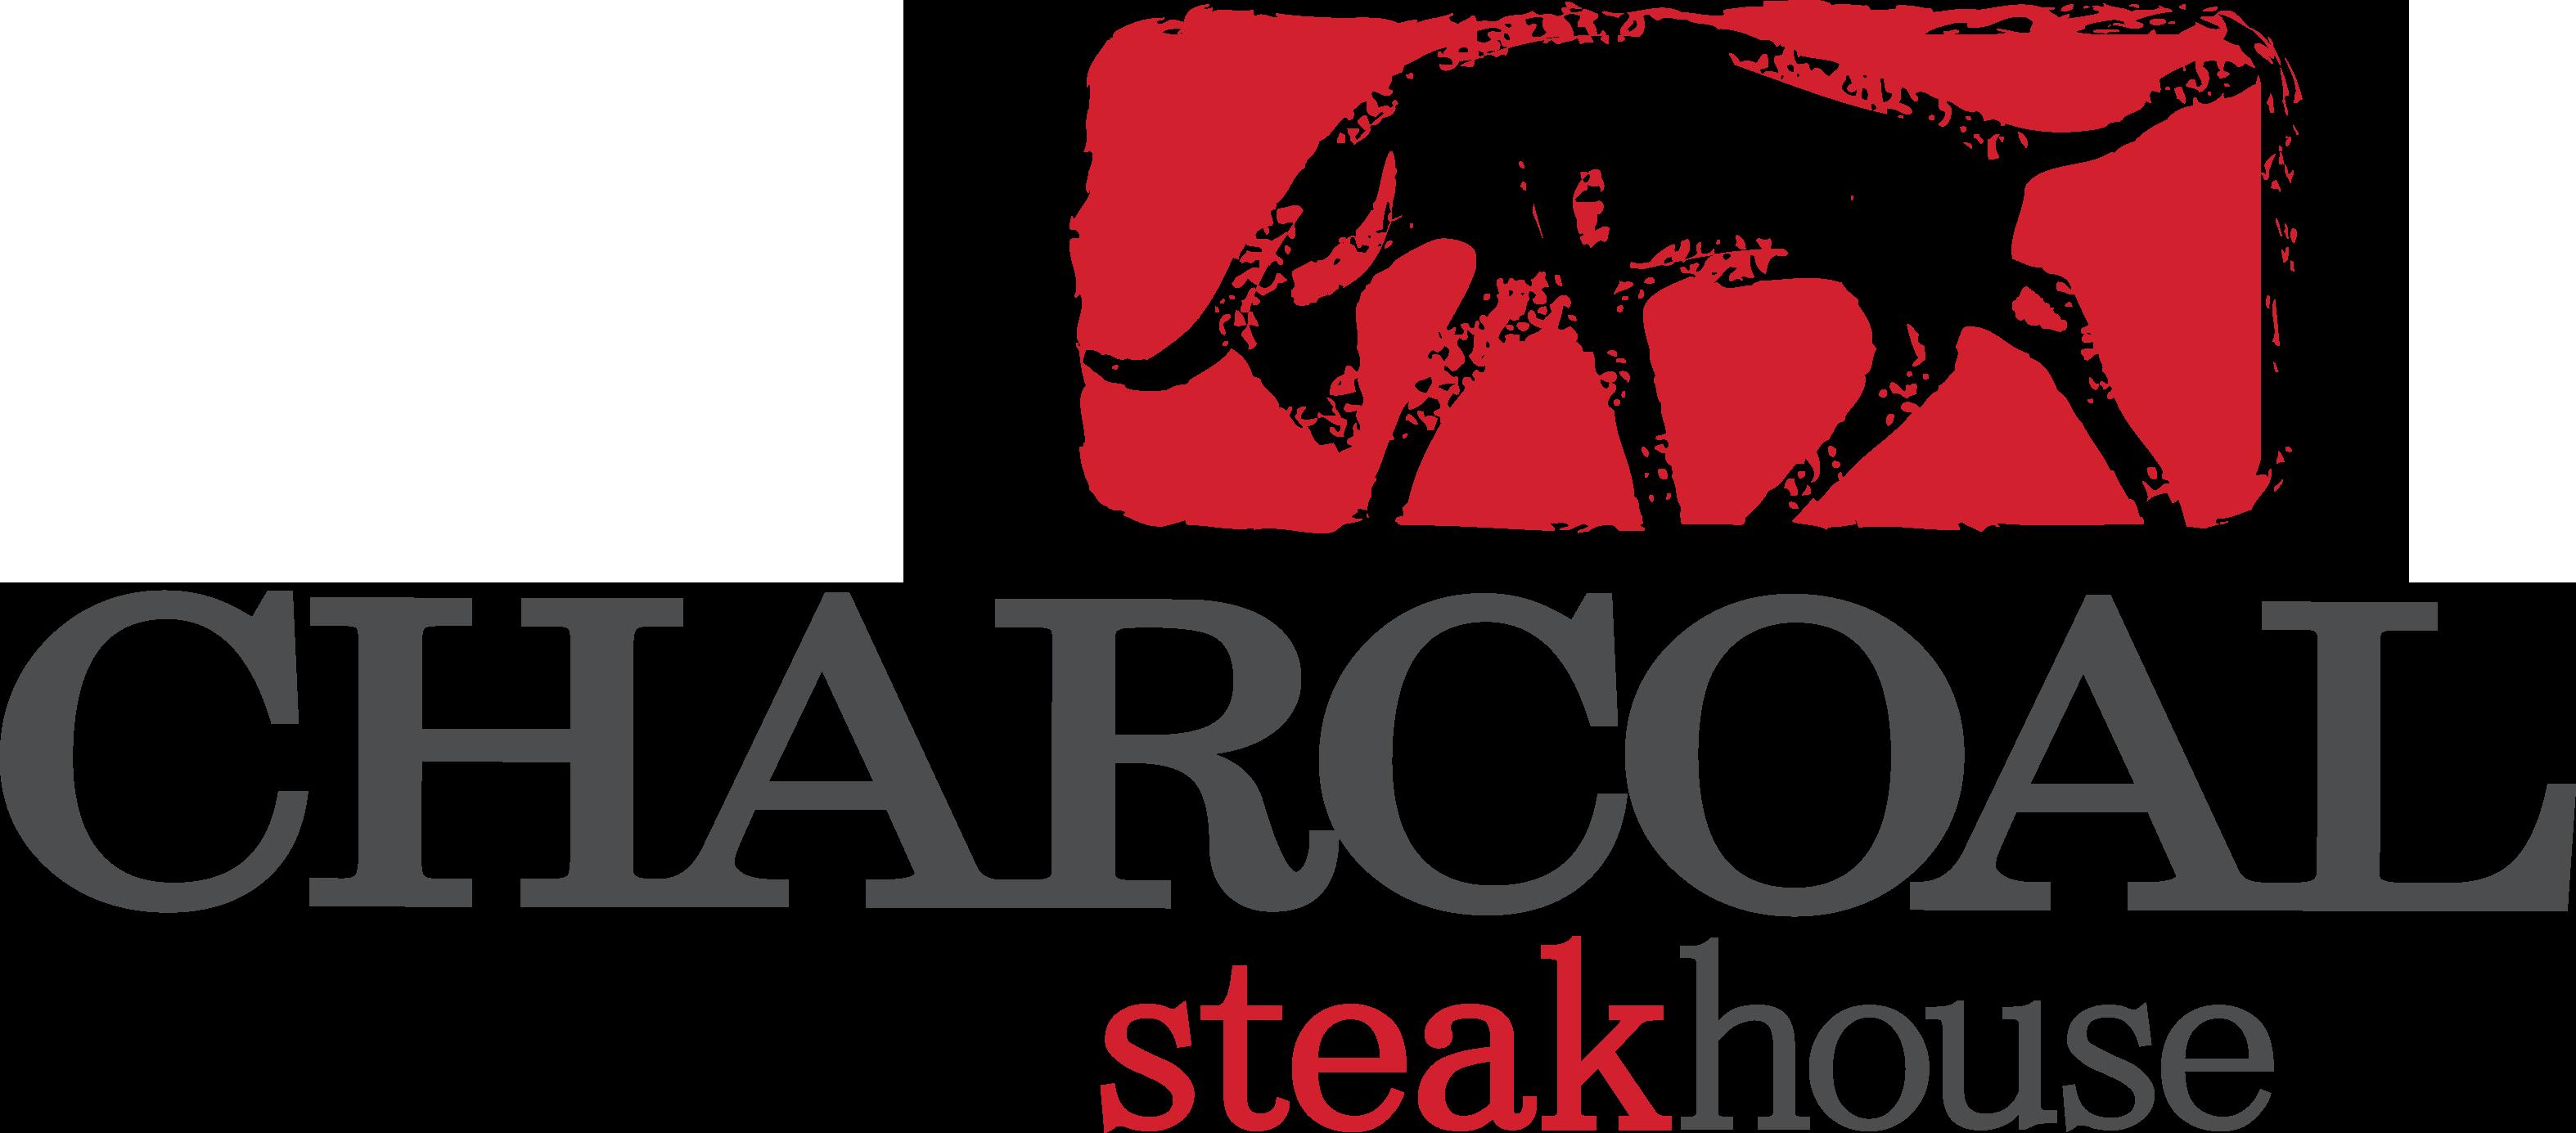 Charcoal Steak House Logo